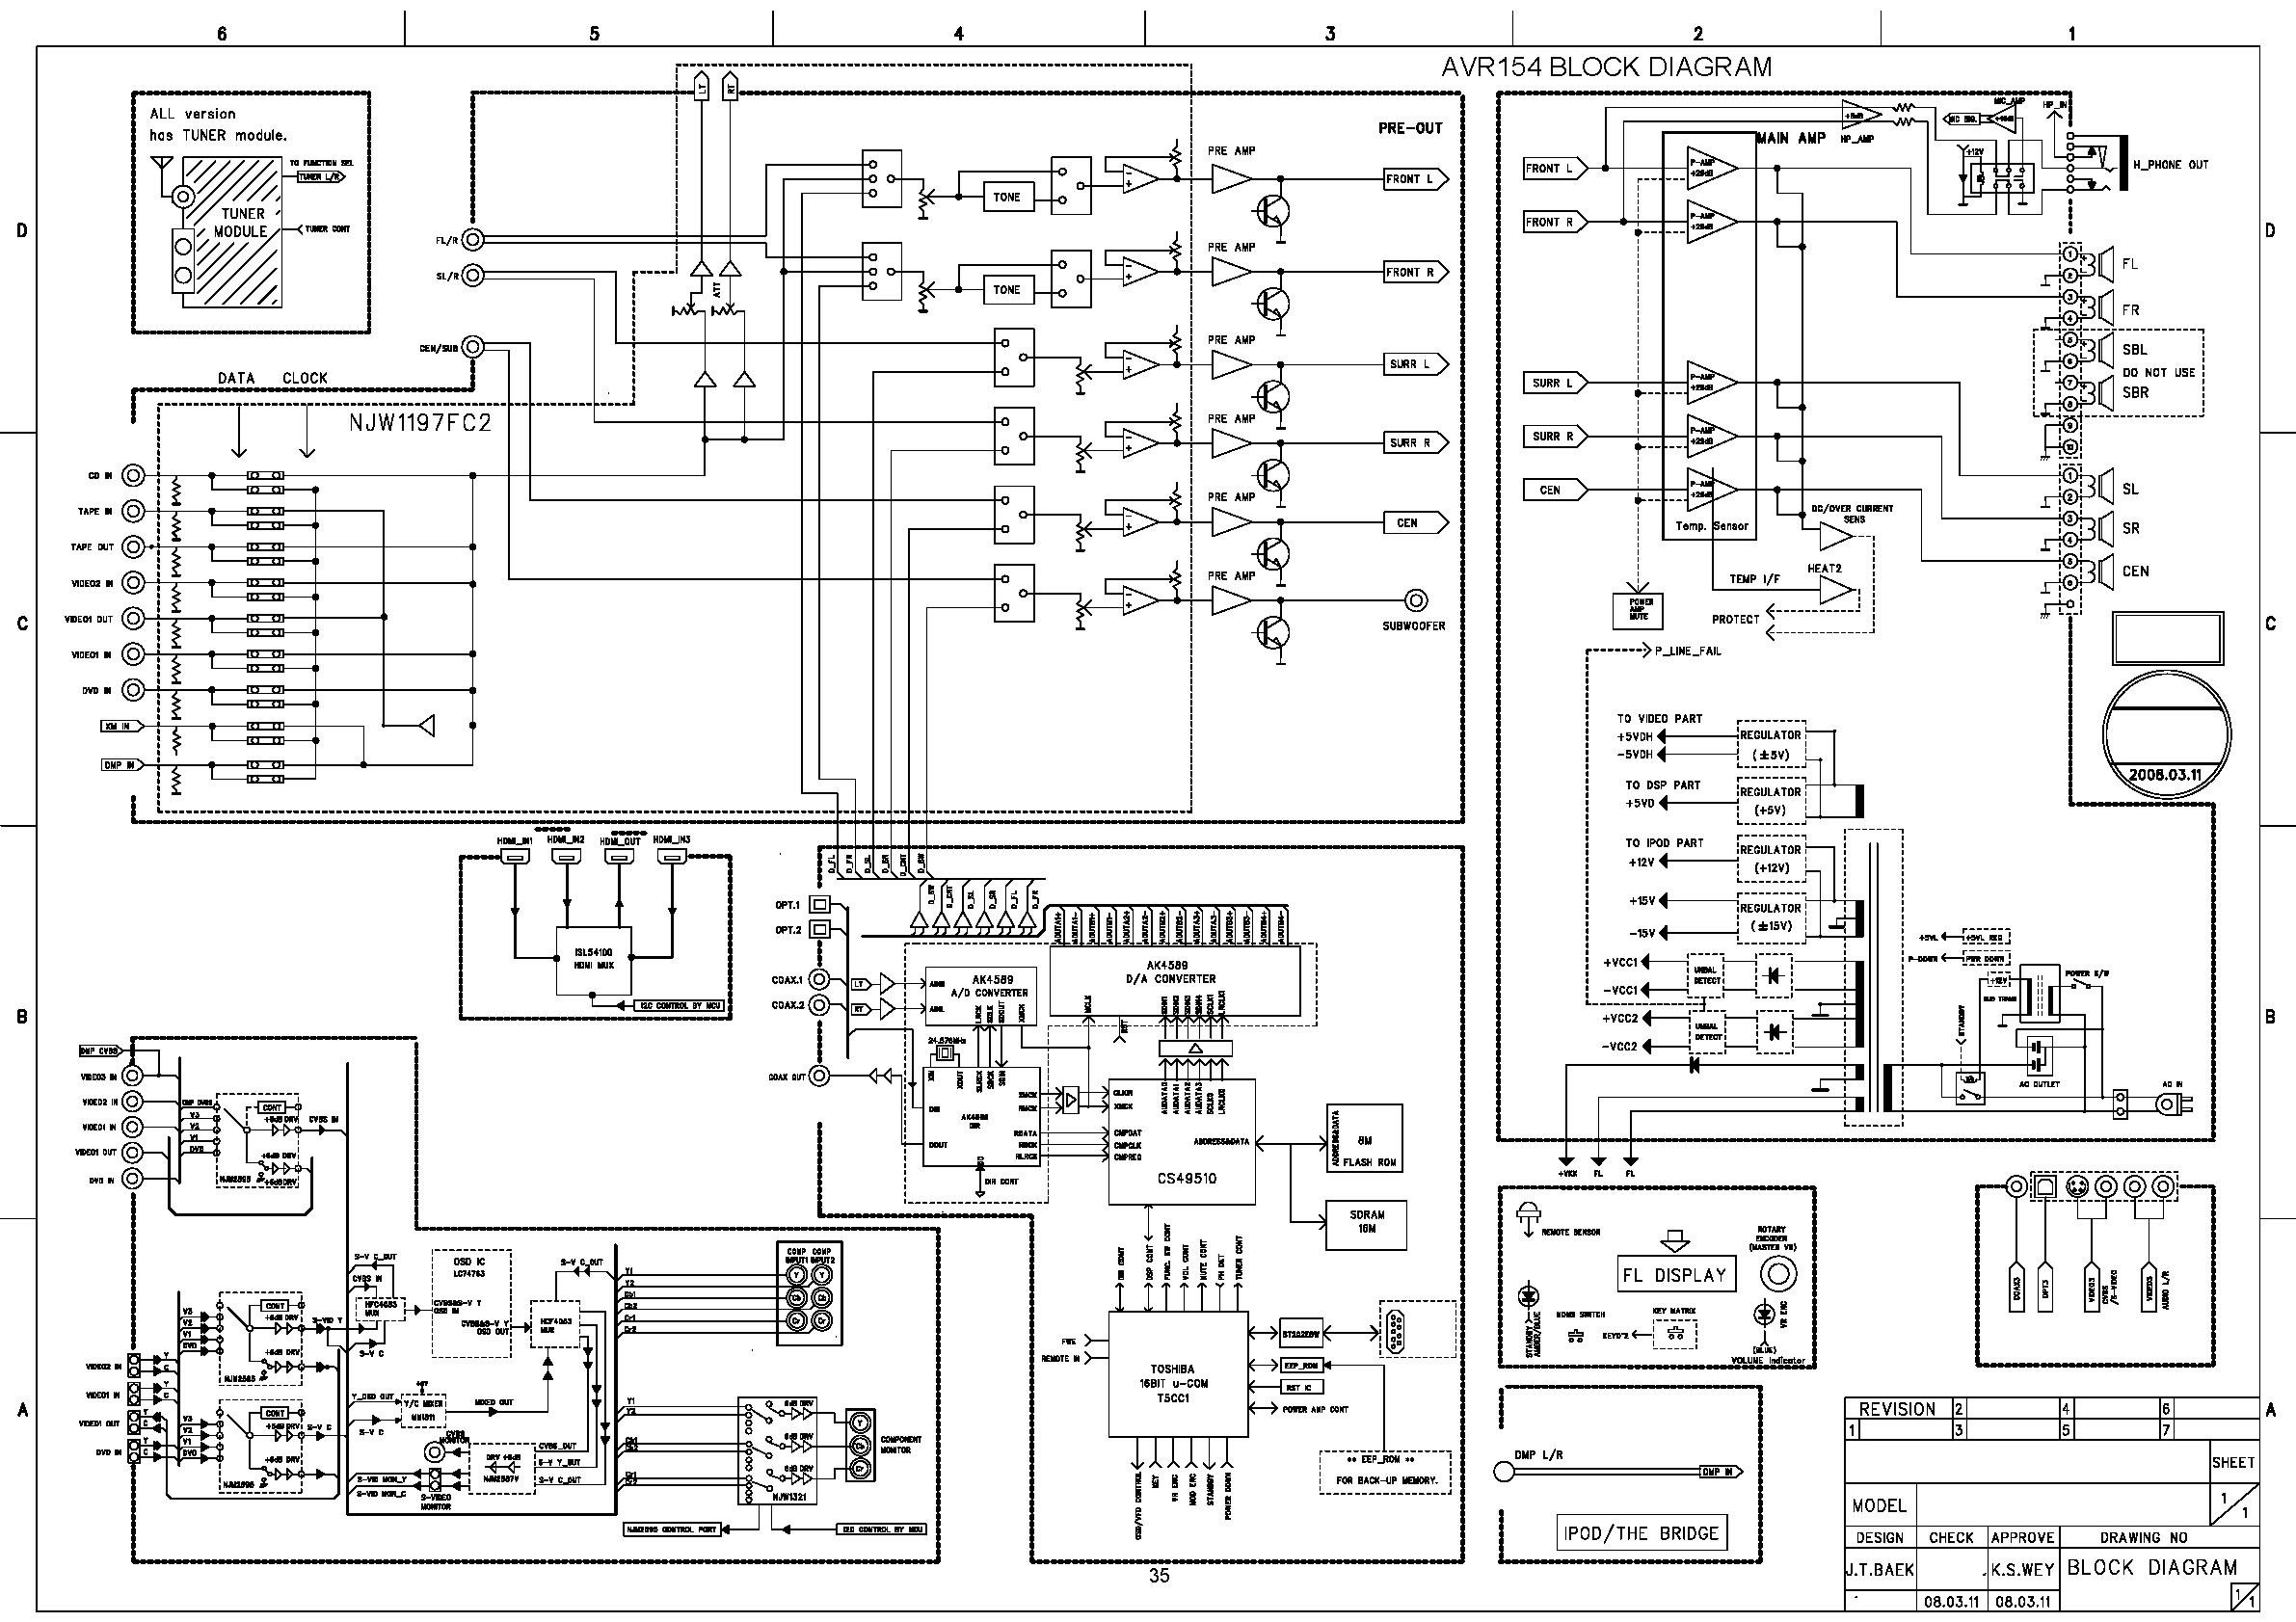 Mitsubishi L200 Electrical Wiring Diagram